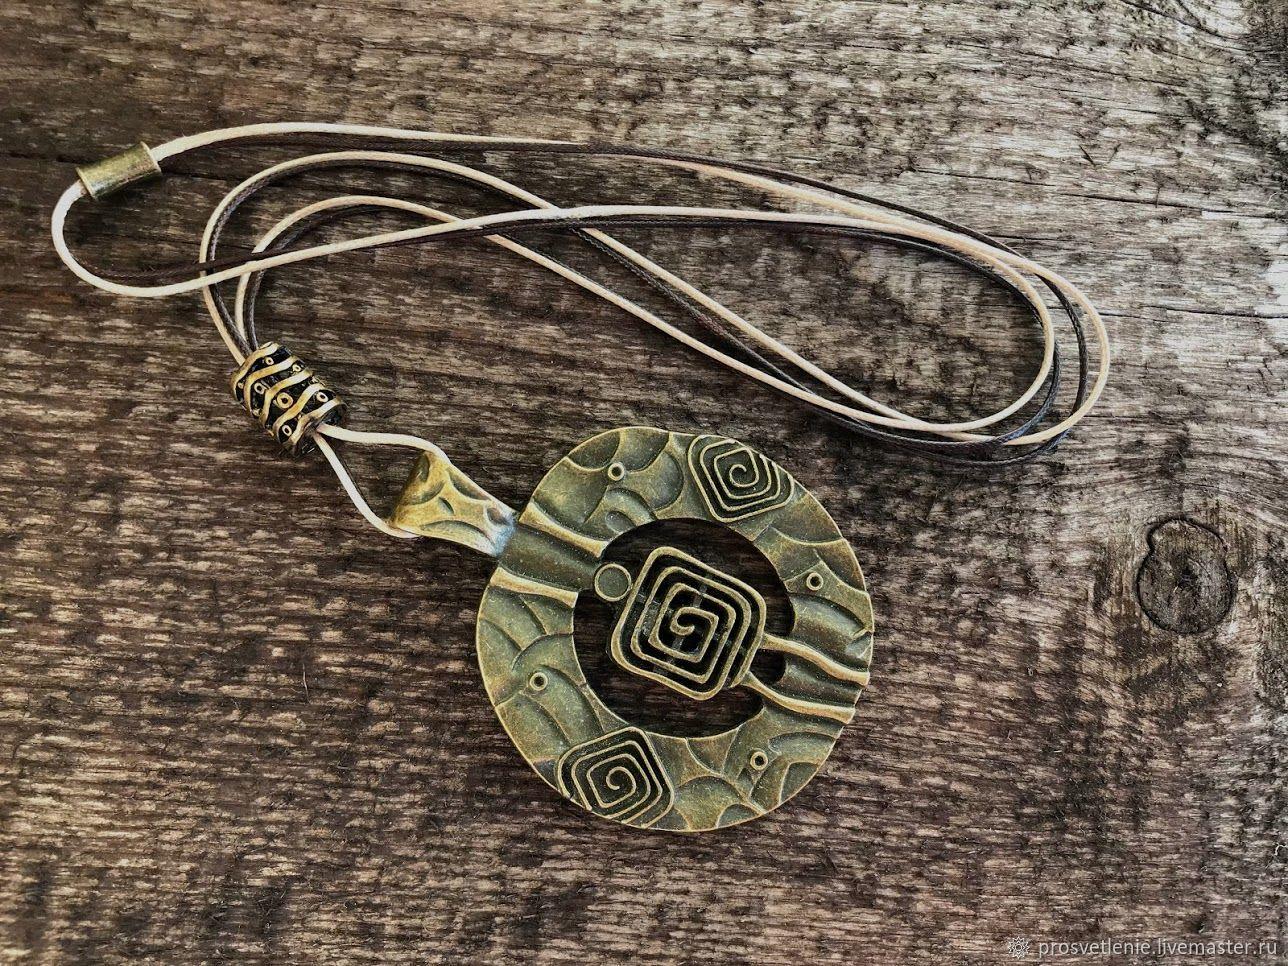 Large boho decoration. Stylish charm boho pendant. Massive boho decoration pendant. Stylish jewelry boho. Big jewelry out of metal to buy. Unusual large pendant. The decoration for every day